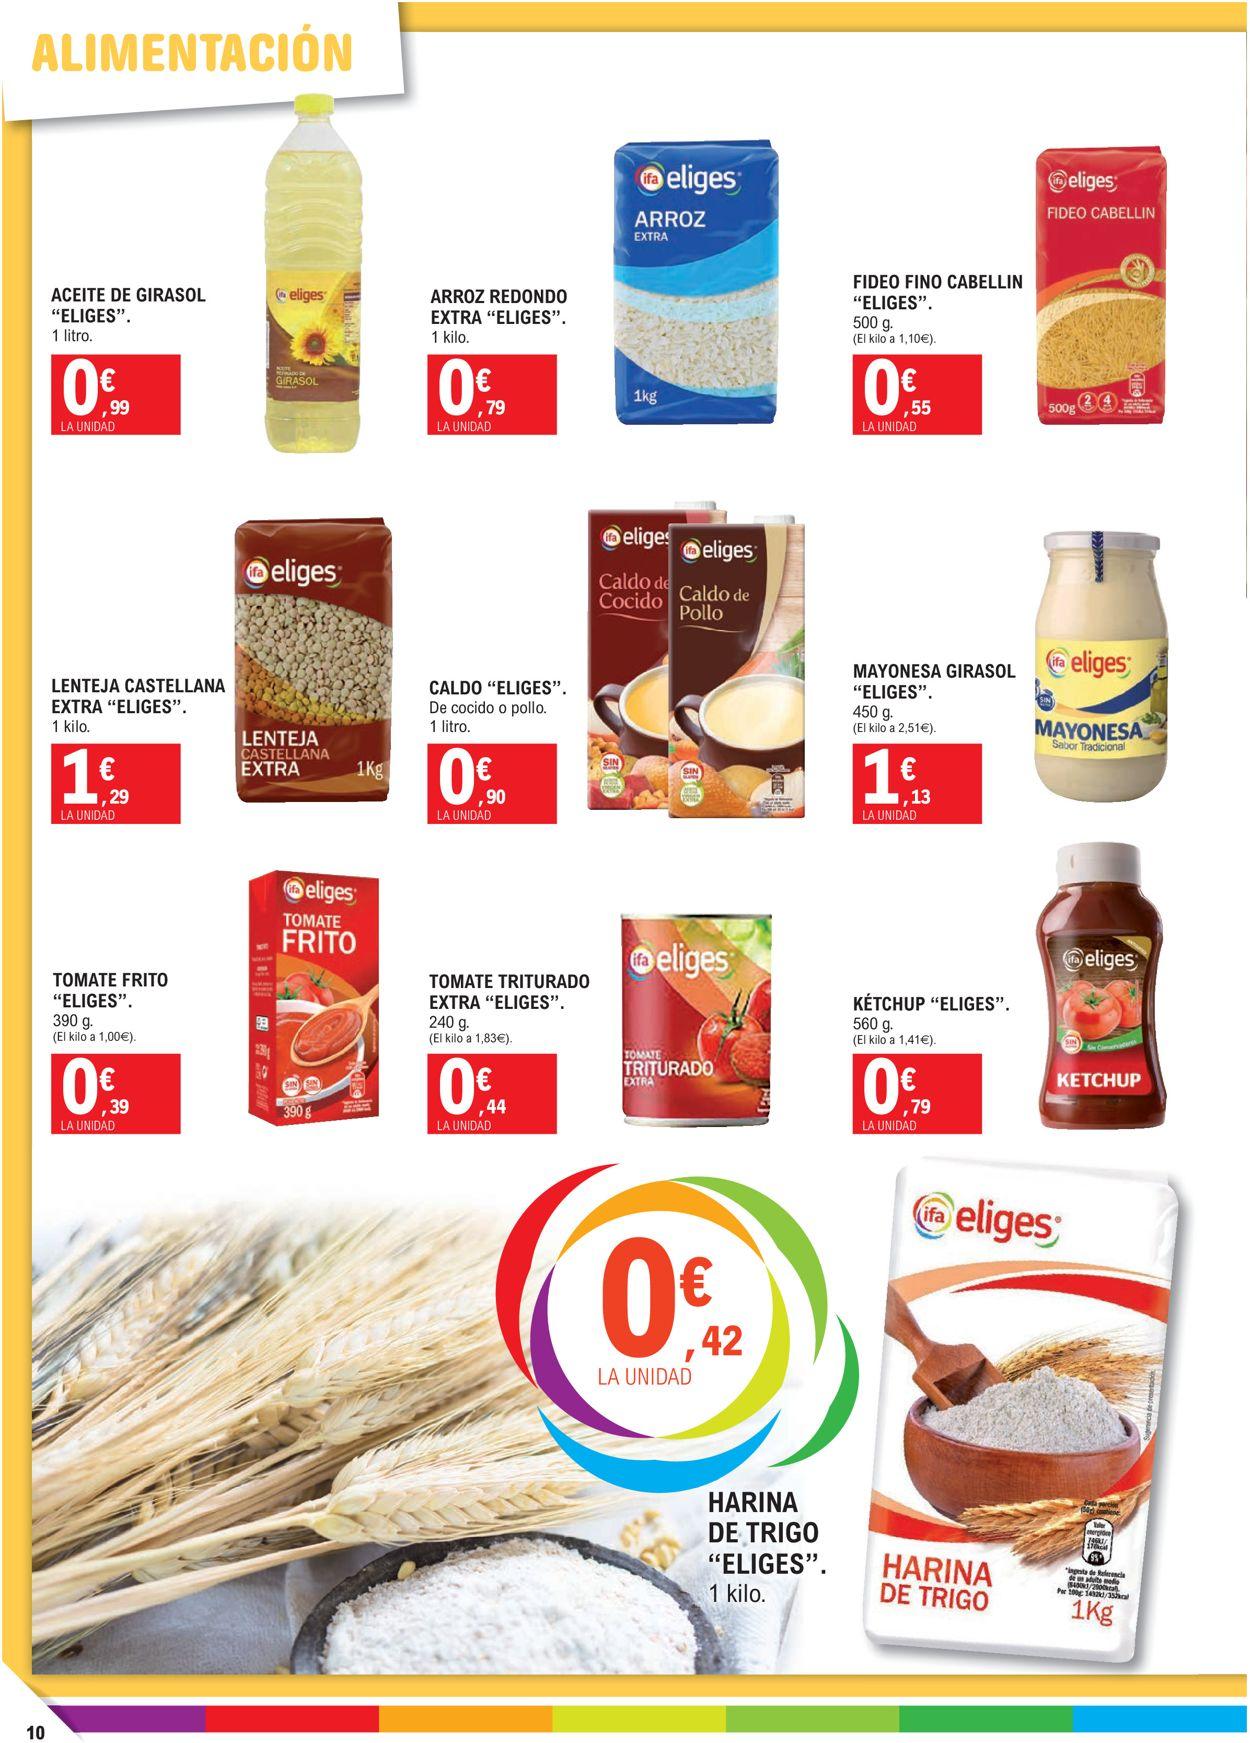 E.leclerc Calidad a precios bajos 2021 Folleto - 27.01-07.02.2021 (Página 10)